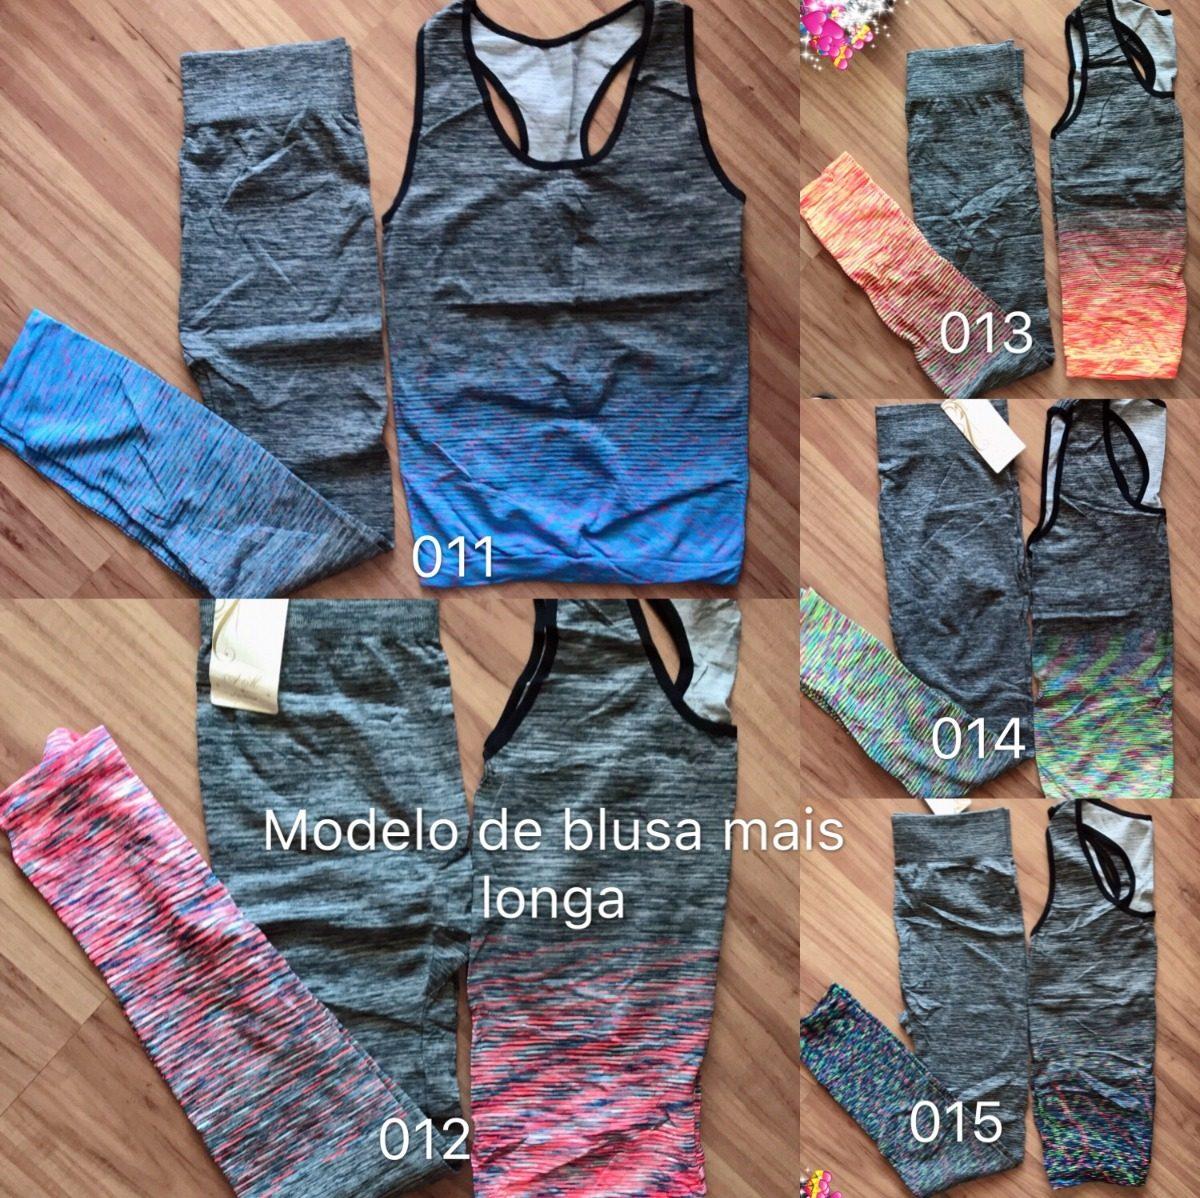 cfc9ddf6e roupa feminina para malhar fitness ginastica yoga wear suit. Carregando  zoom.